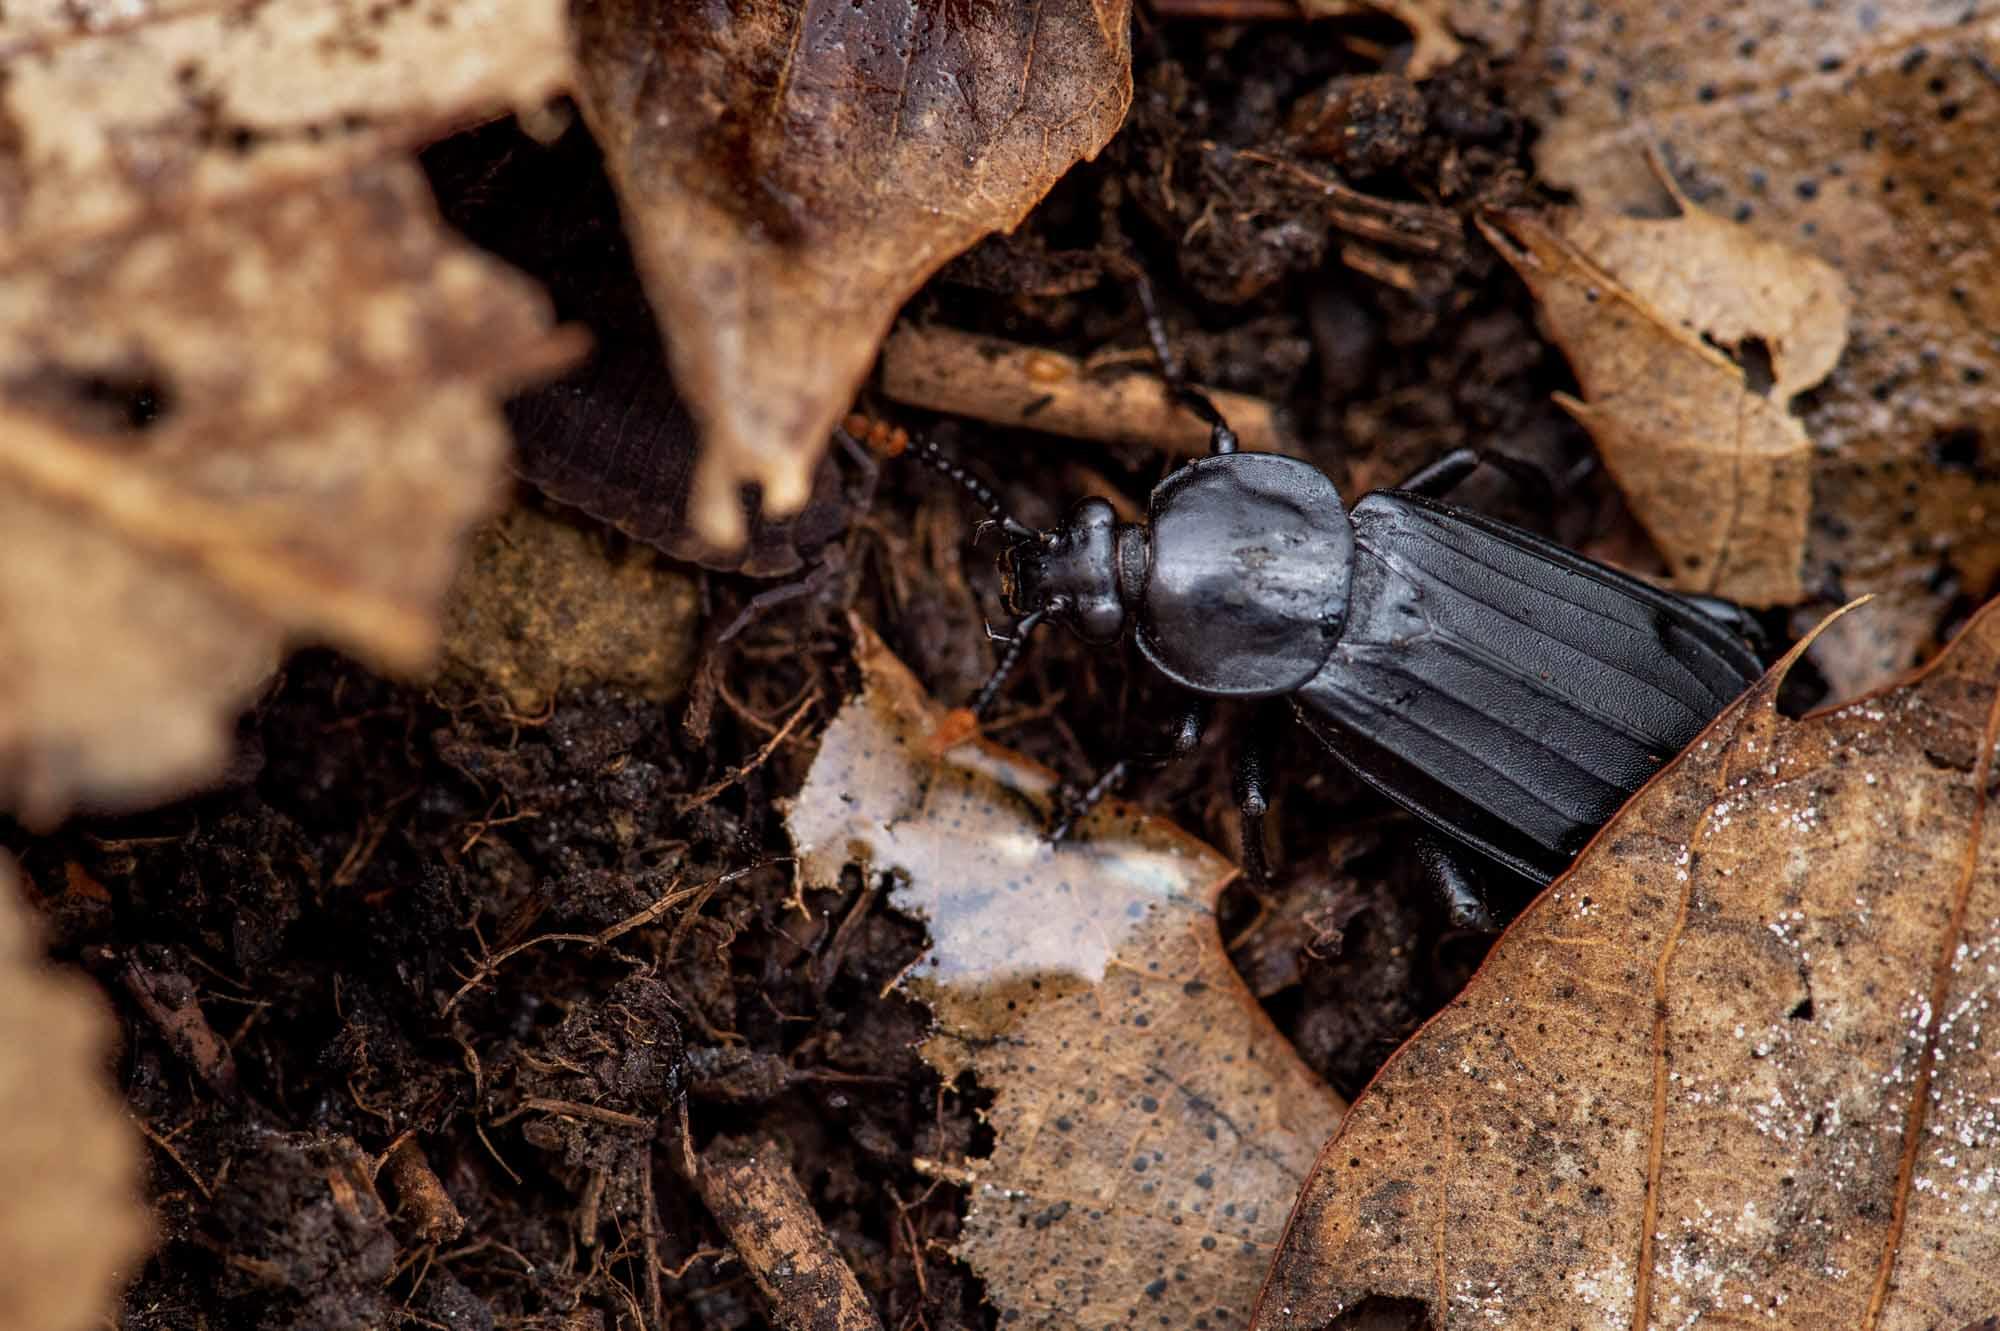 オオモモブトシデムシの写真